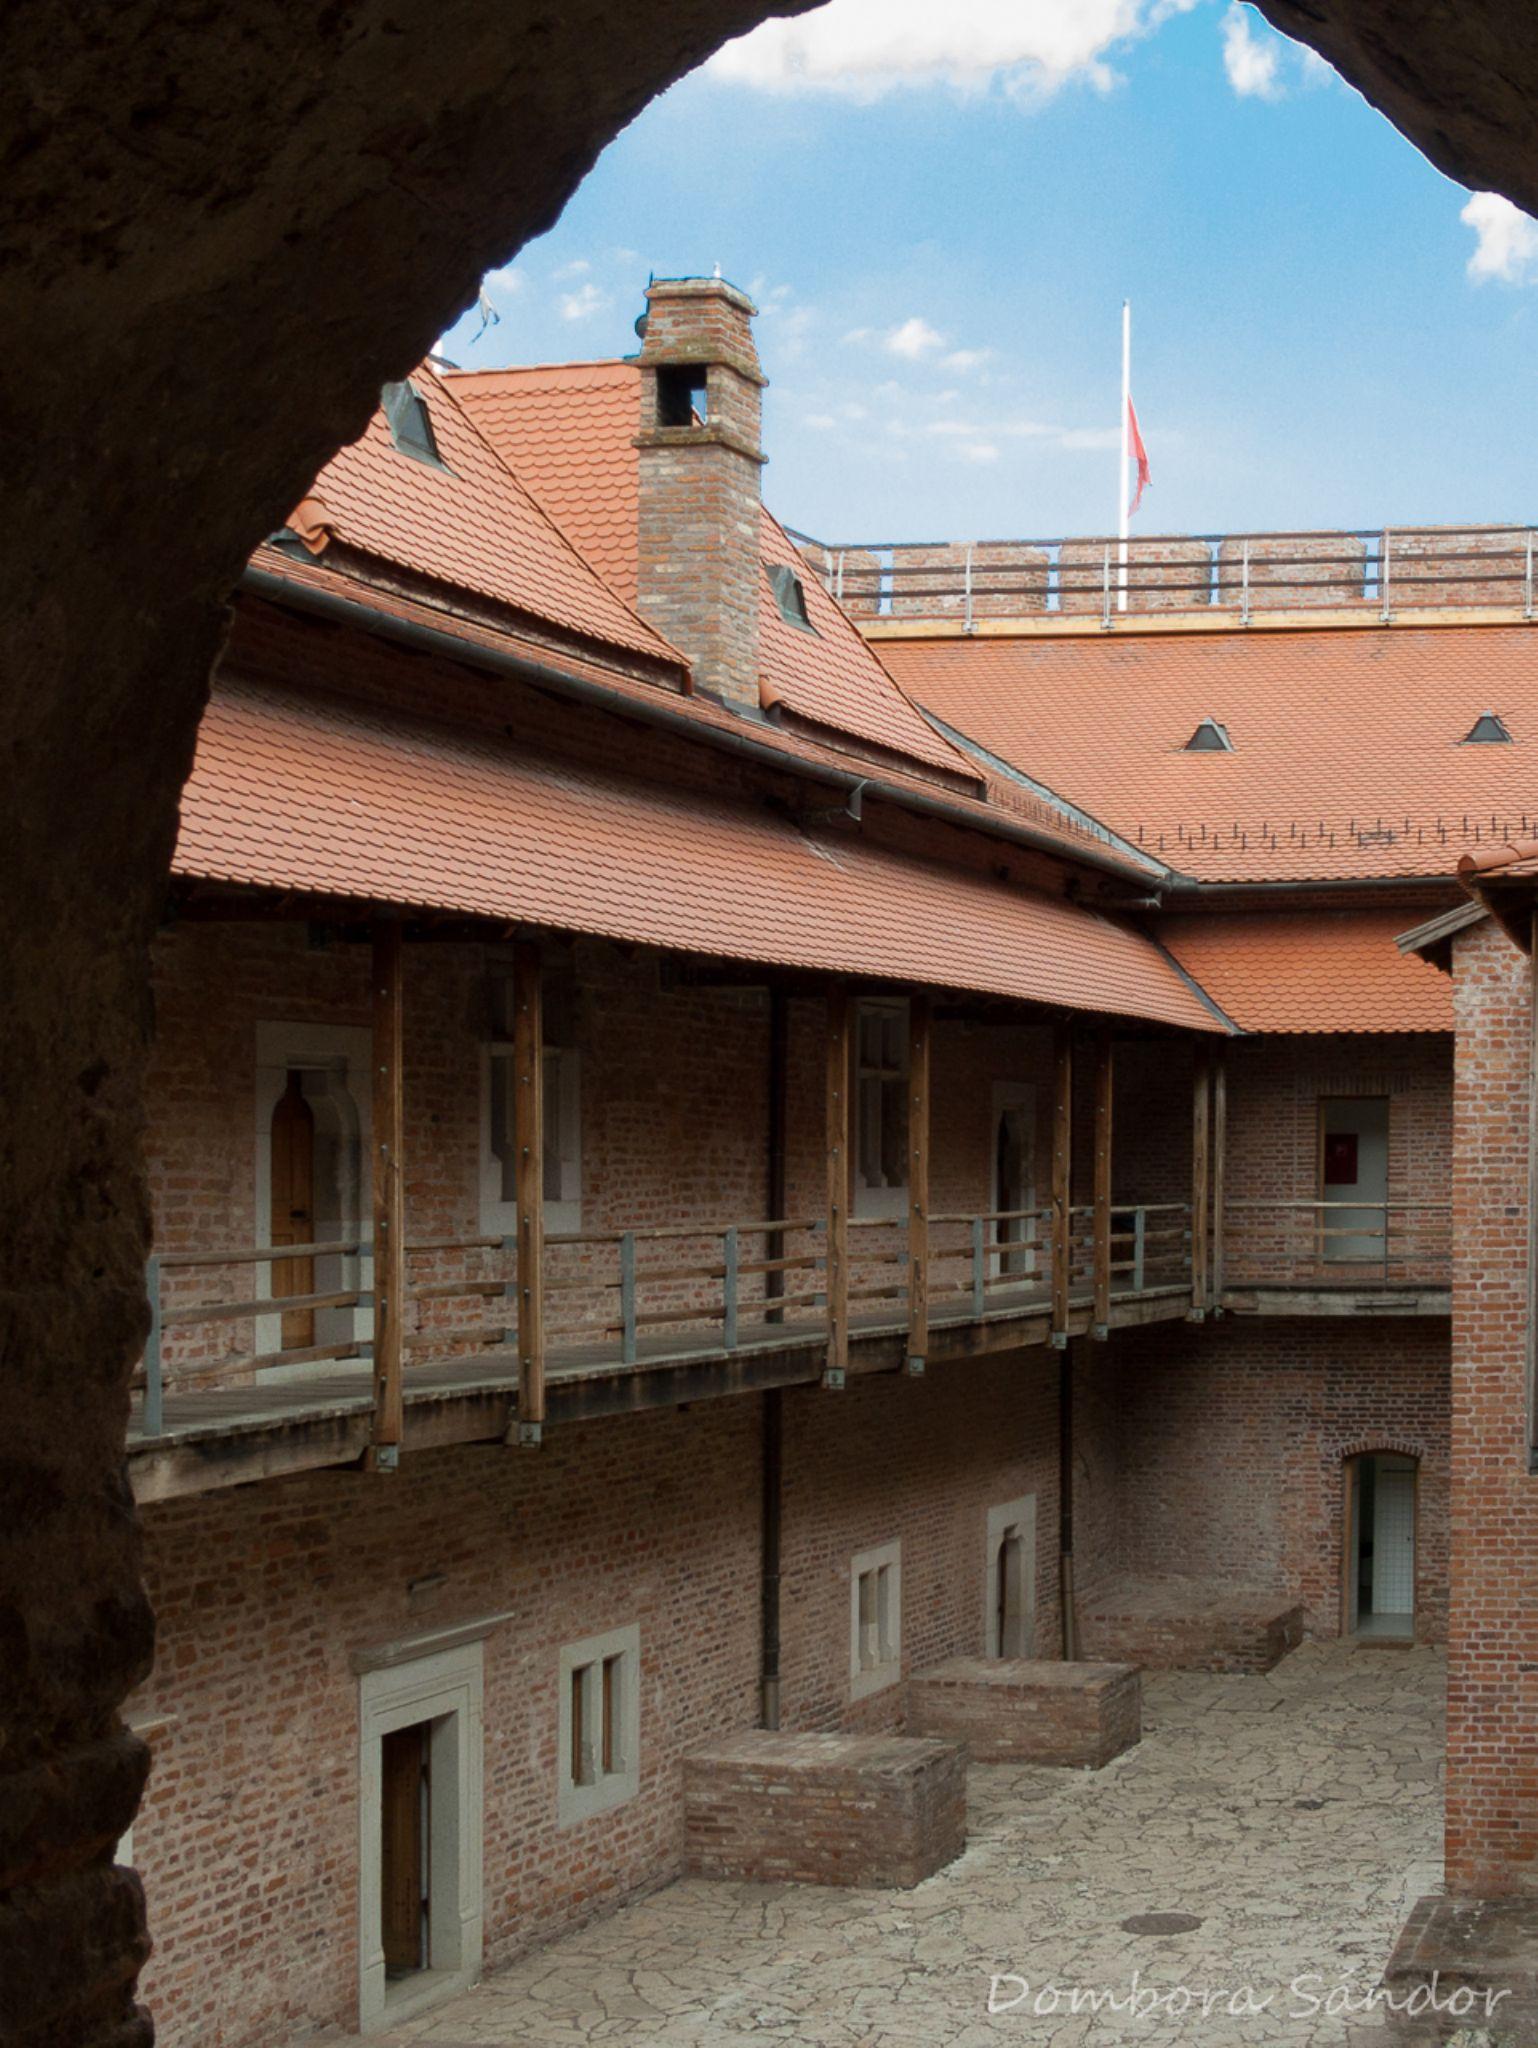 Castel Gyula by Sándor Dombora